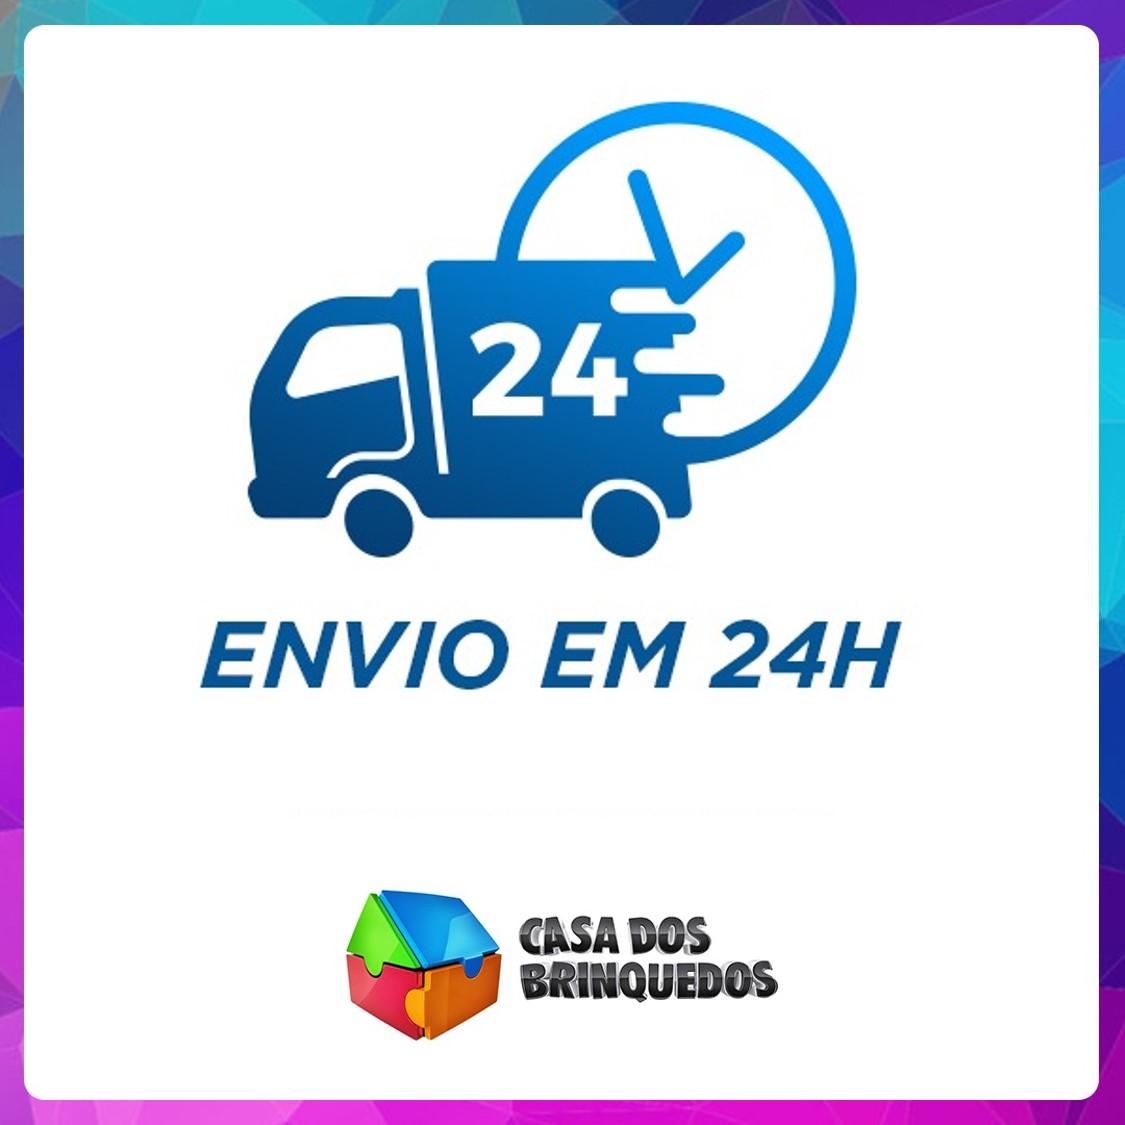 BONECO HOMEM DE FERRO TRAJE DOURADO BLAST GEAR E7878 HASBRO